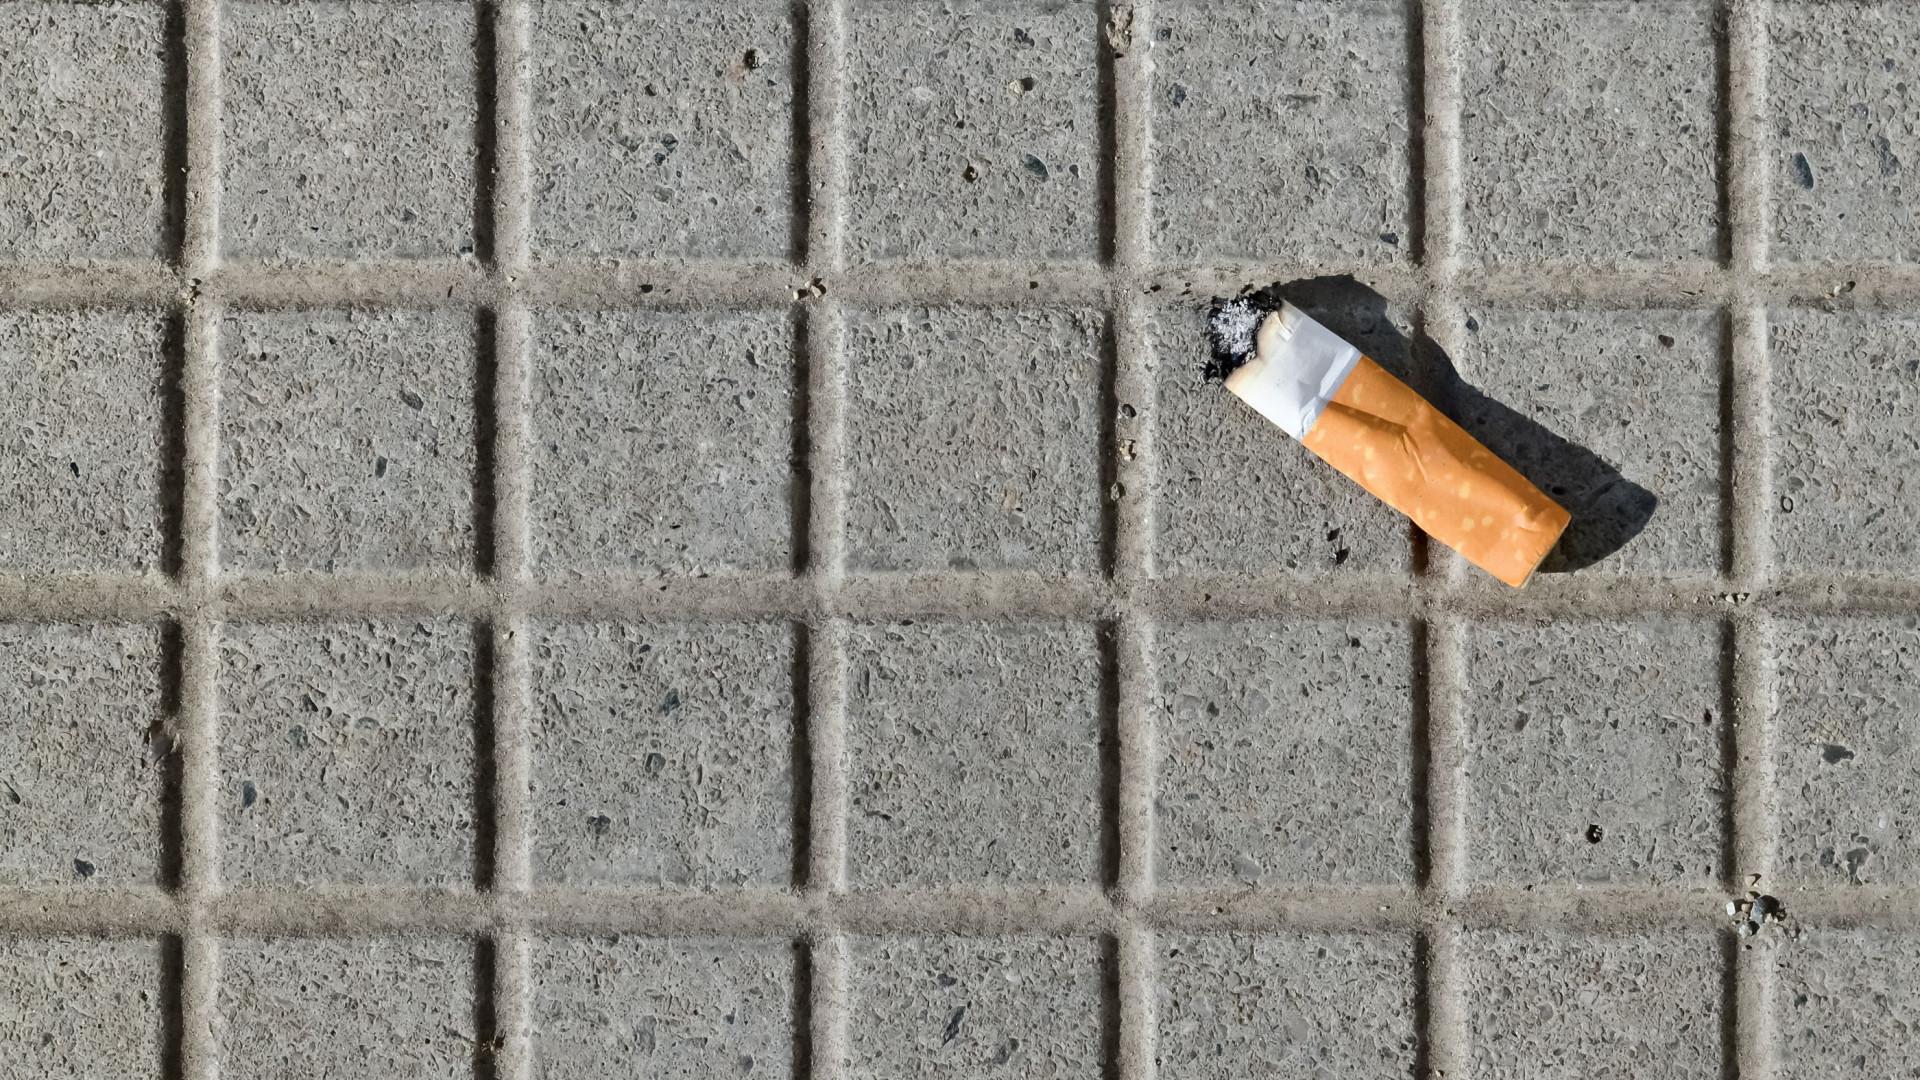 Jovem apaga cigarro no corpo da mãe por ela não lhe dar dinheiro